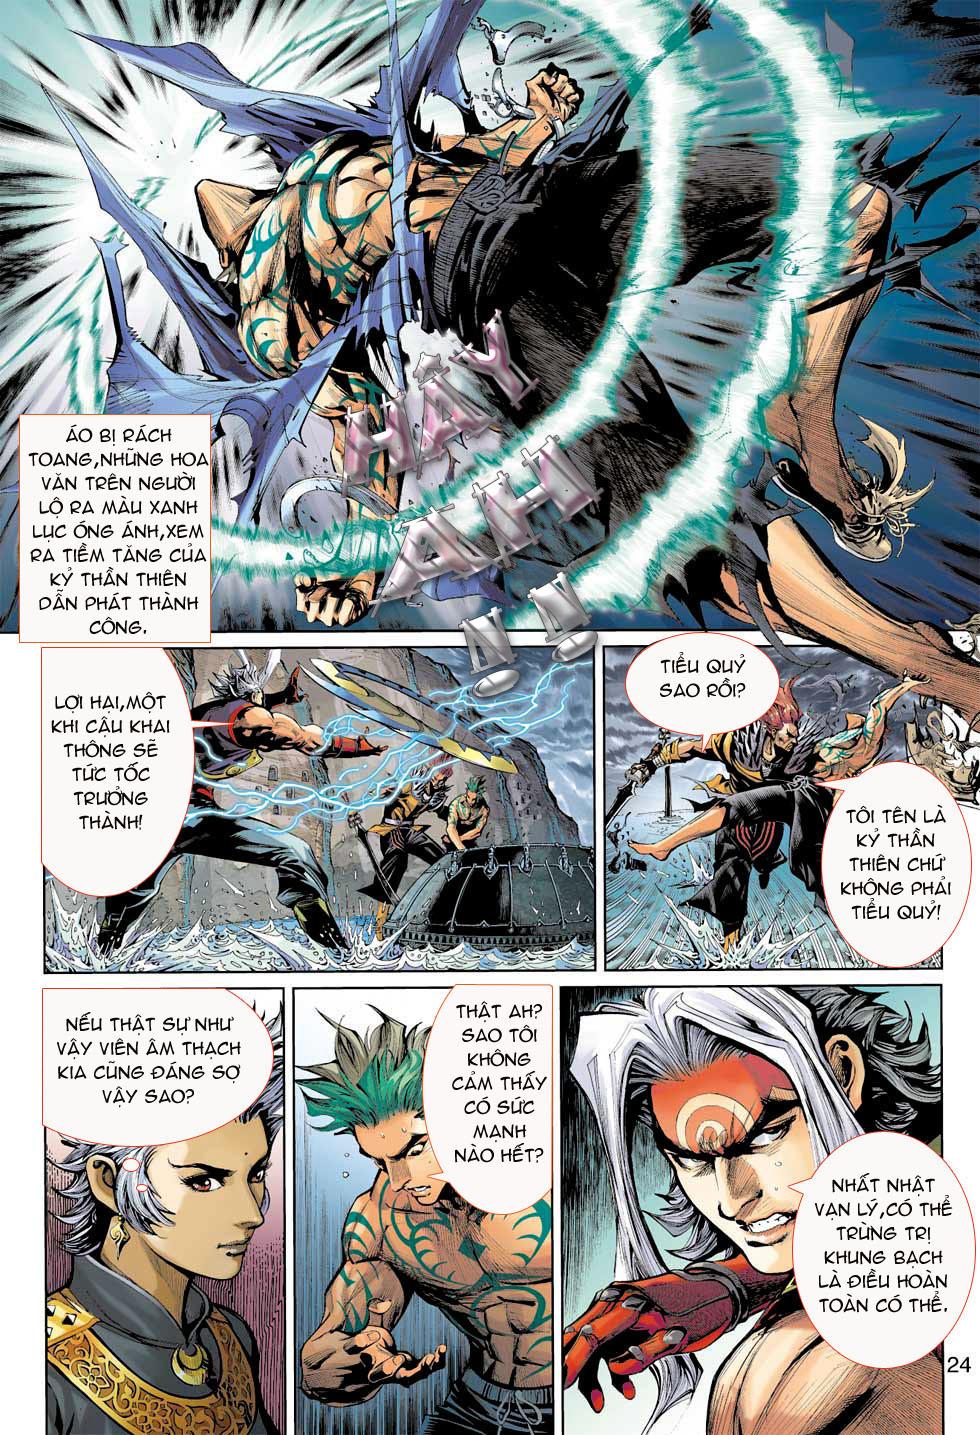 Thần Binh 4 chap 8 - Trang 24